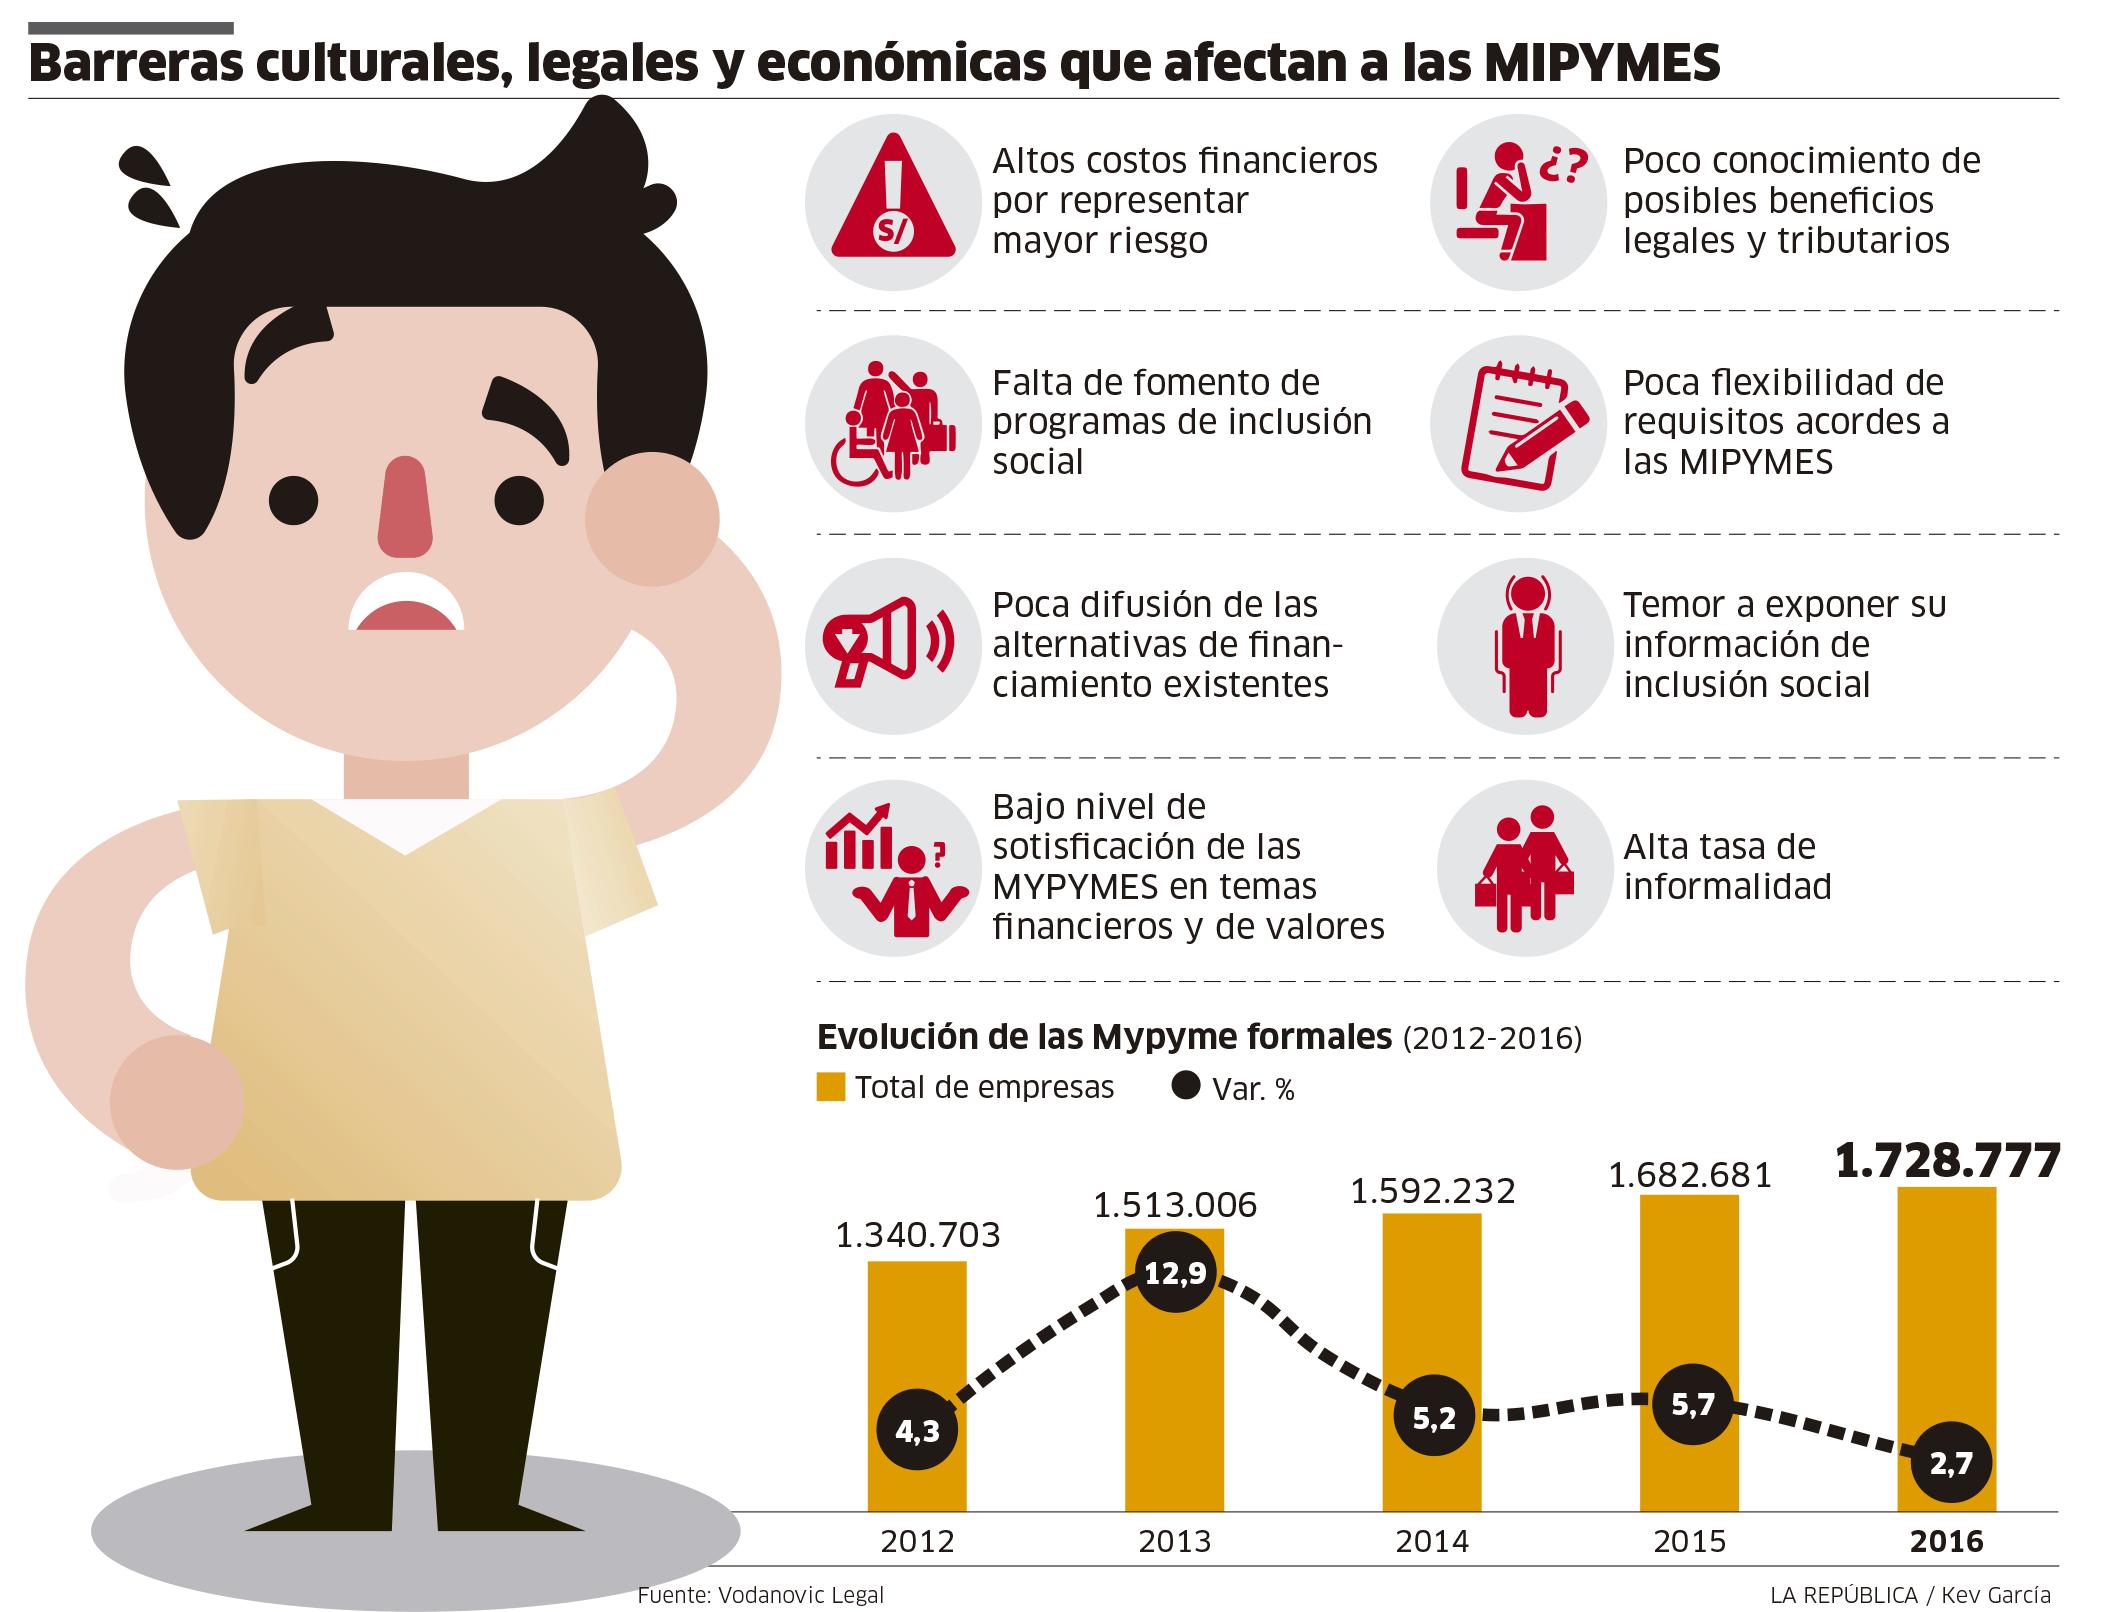 Barreras culturales, legales y económicas que afectan a las Mipymes [INFOGRAFÍA]